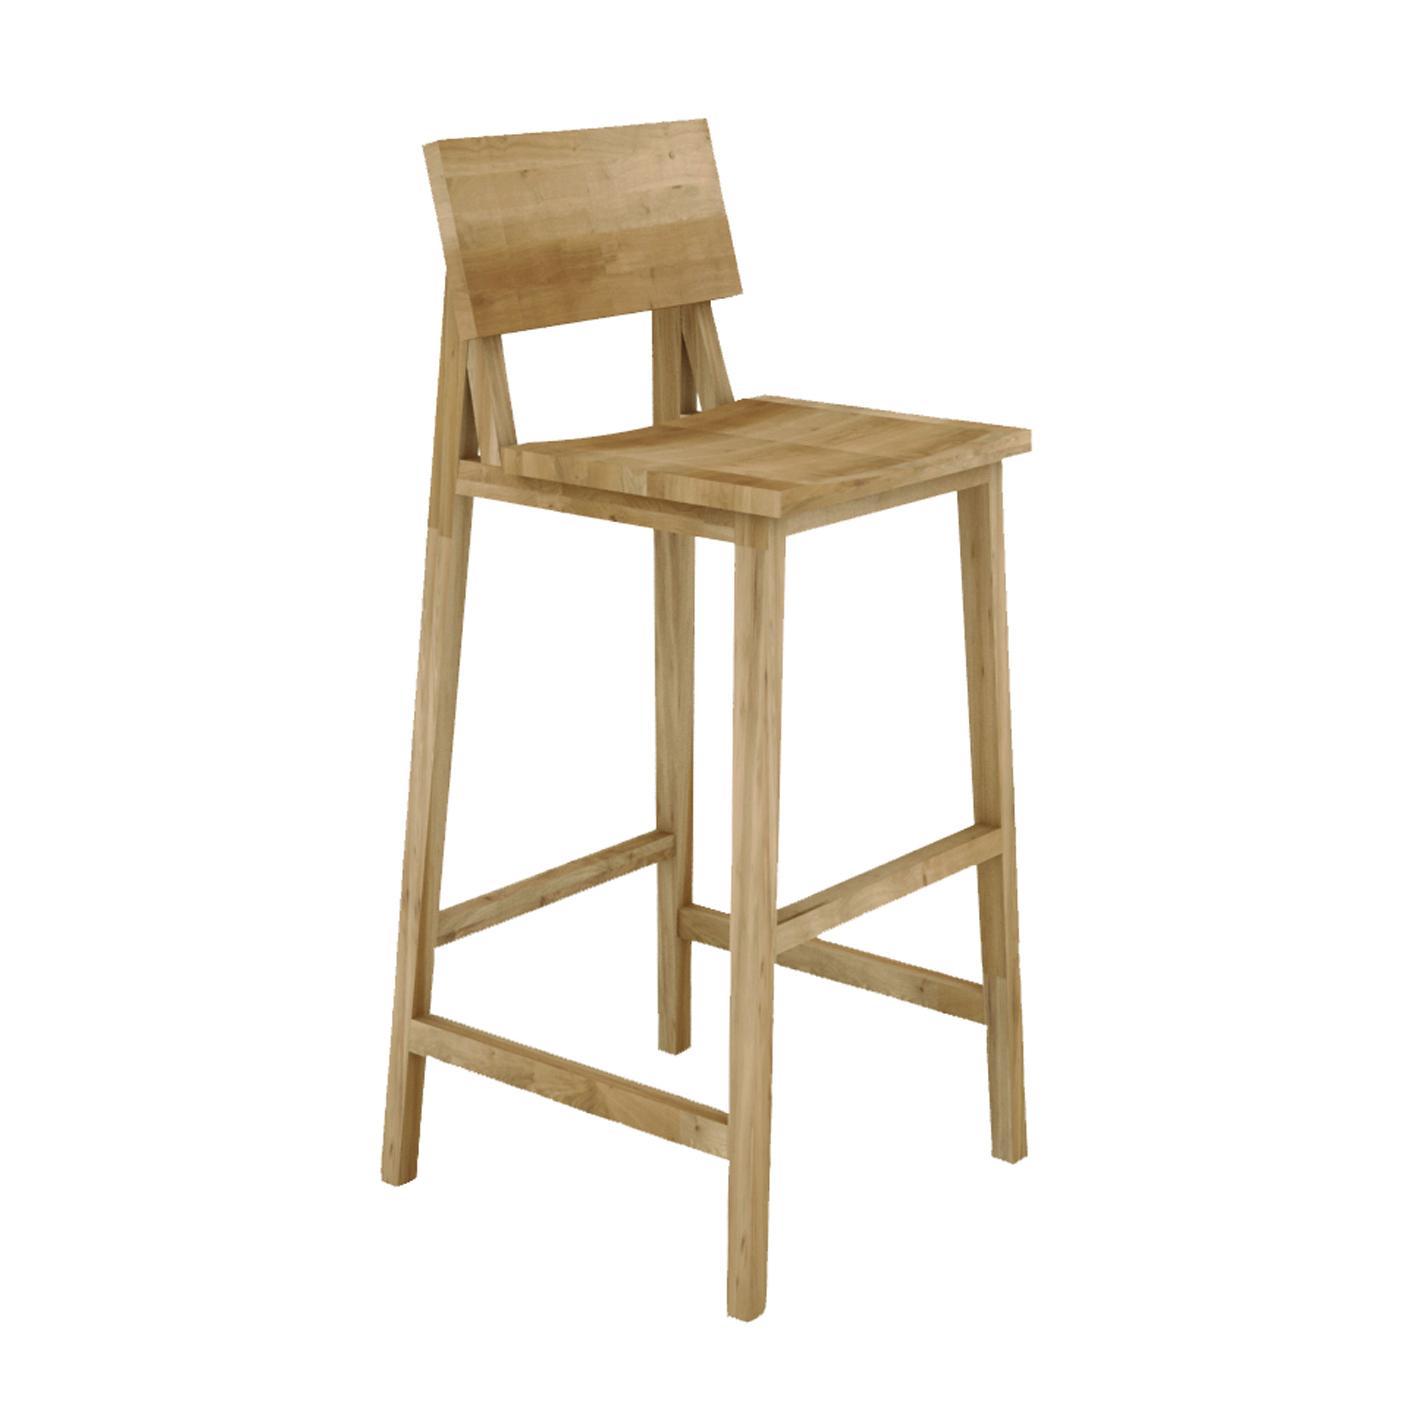 Ethnicraft Oak N4 bar stool